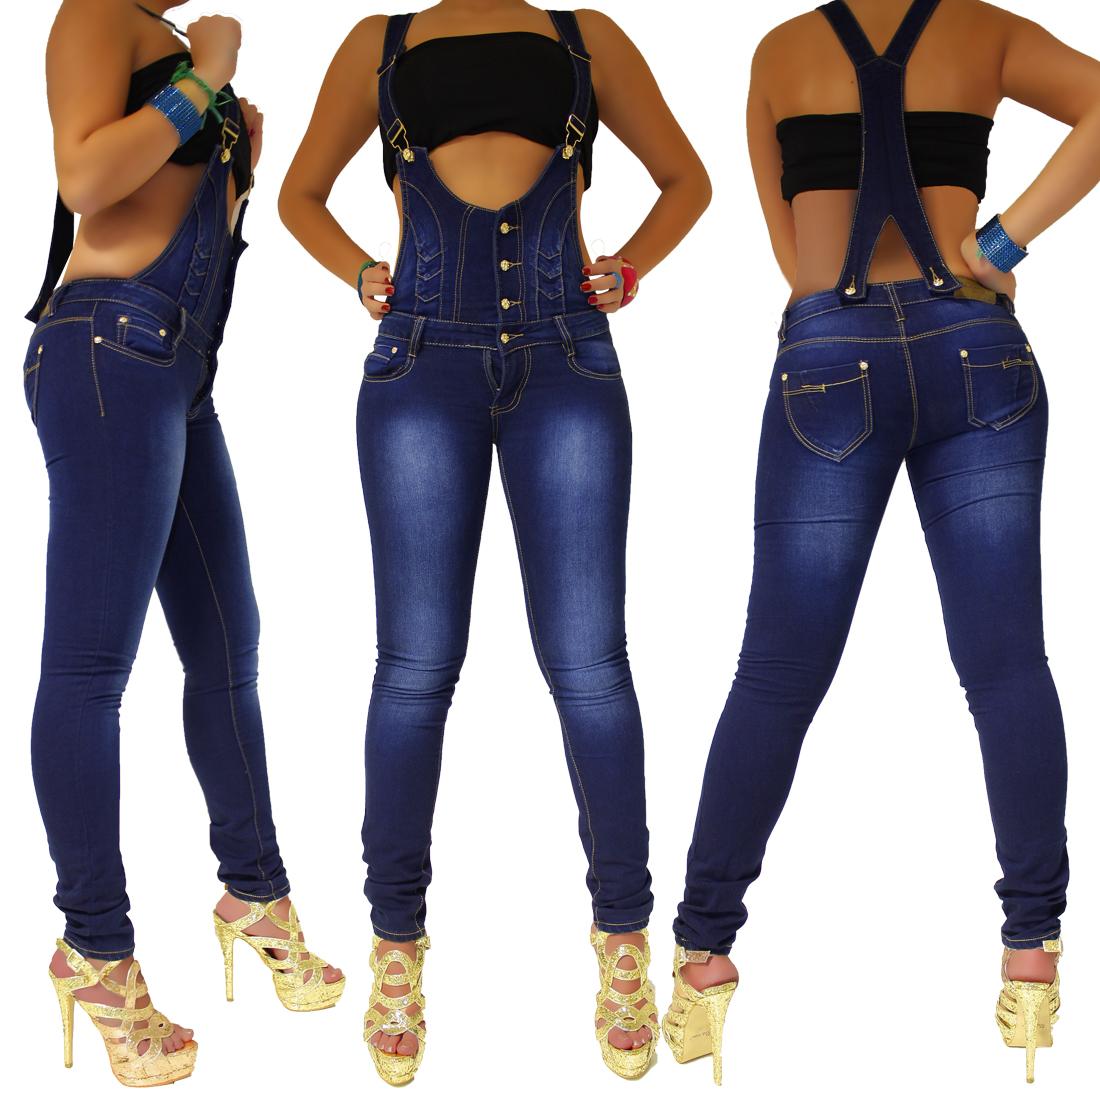 damen jeans hose mit hosentr ger latzhose overalls jumpsuits gr 36 38 40 42 44 ebay. Black Bedroom Furniture Sets. Home Design Ideas